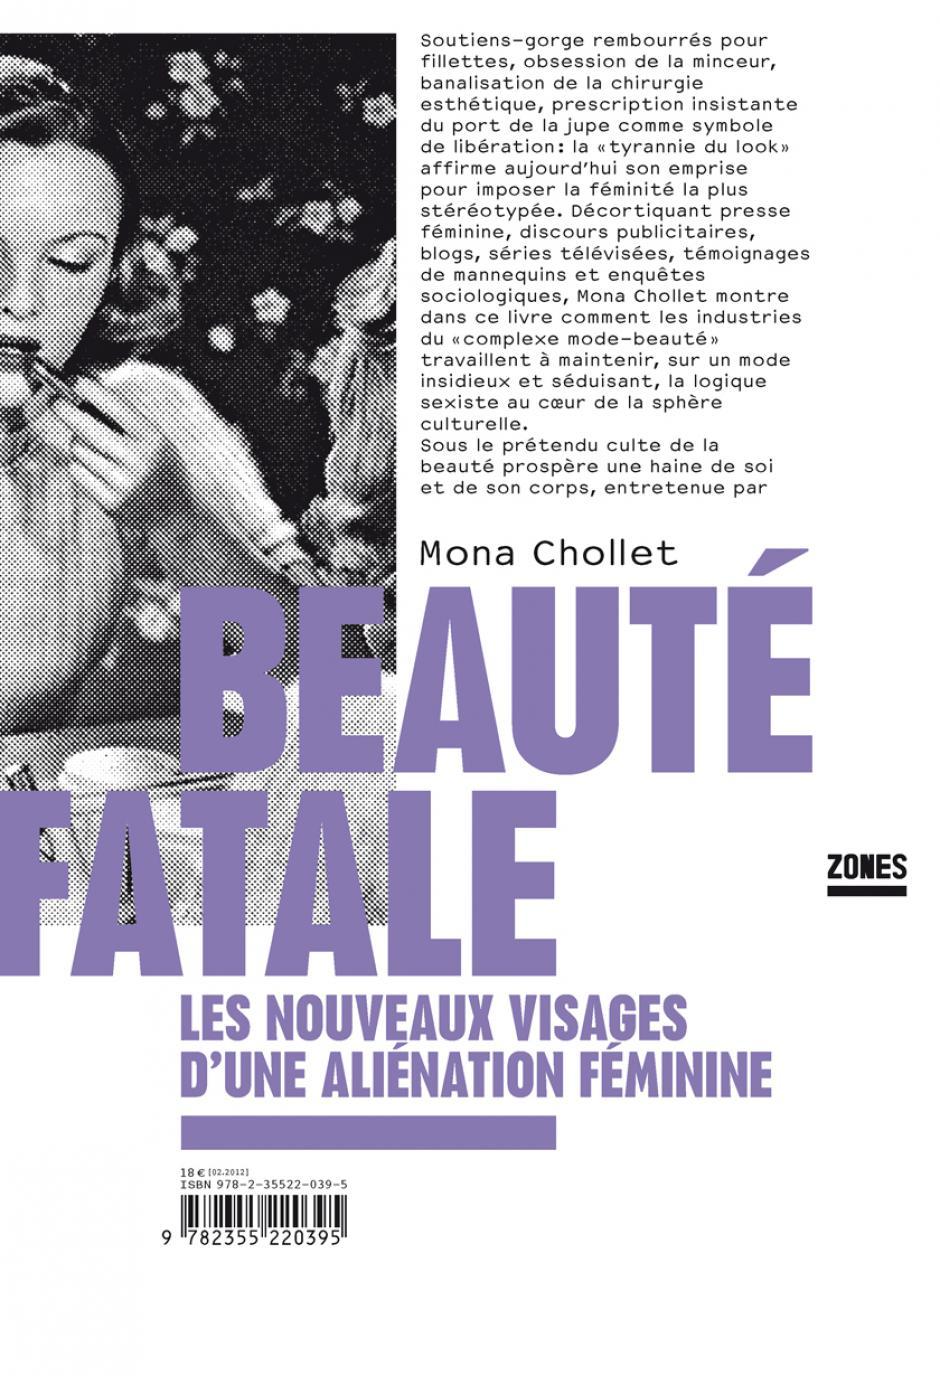 Beauté fatale. Les nouveaux visages d'une aliénation féminine, Mona Chollet